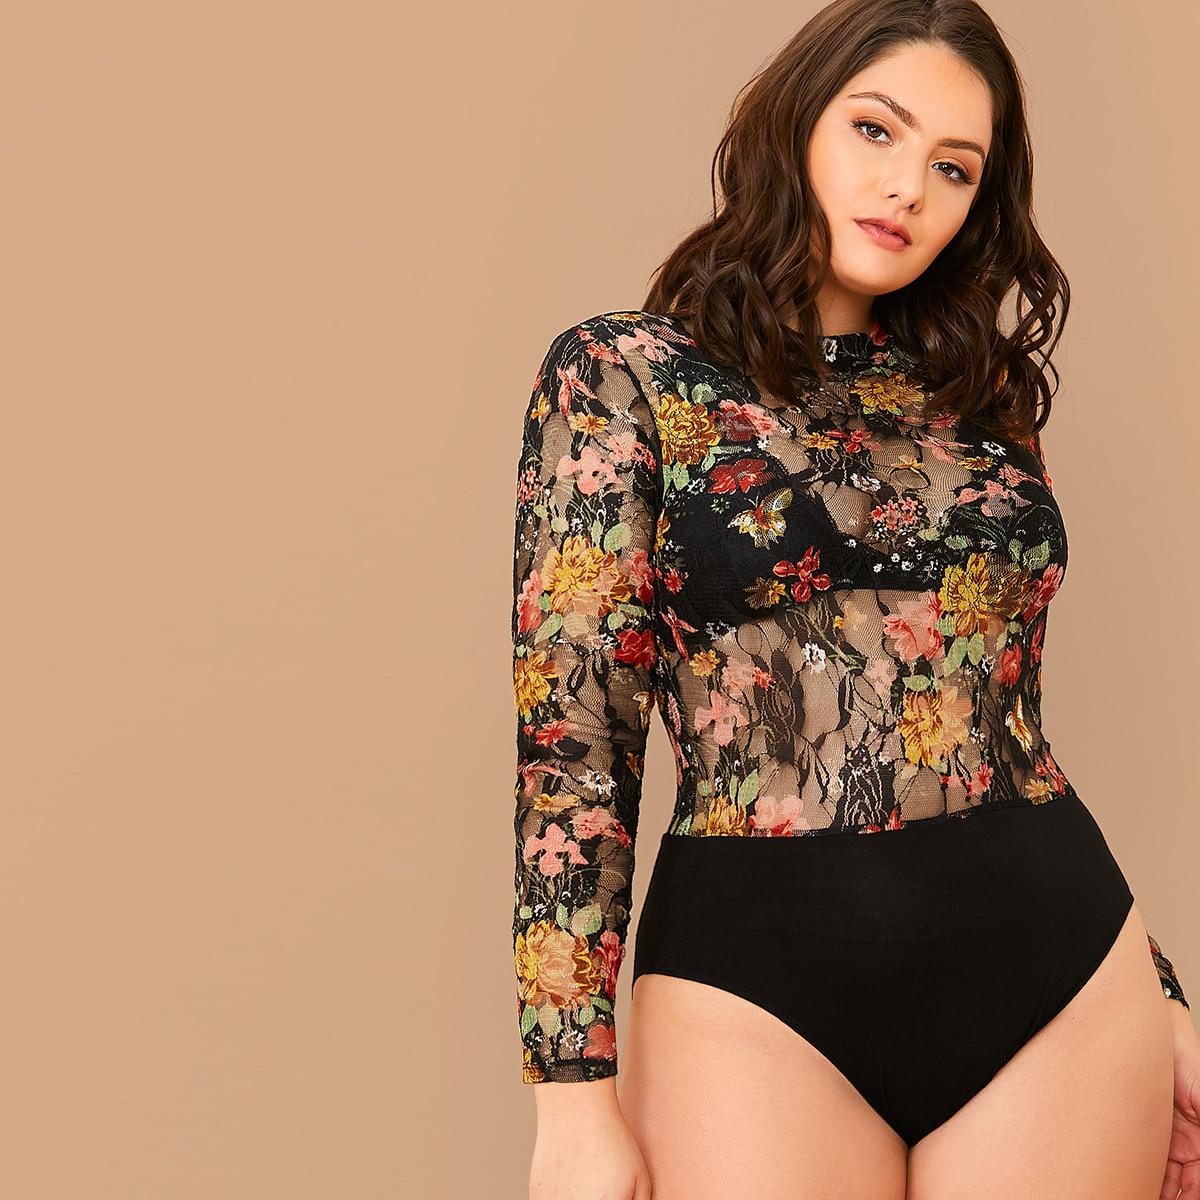 Veel kleurig Sexy Bloemen Bodysuits grote maten Zeeg